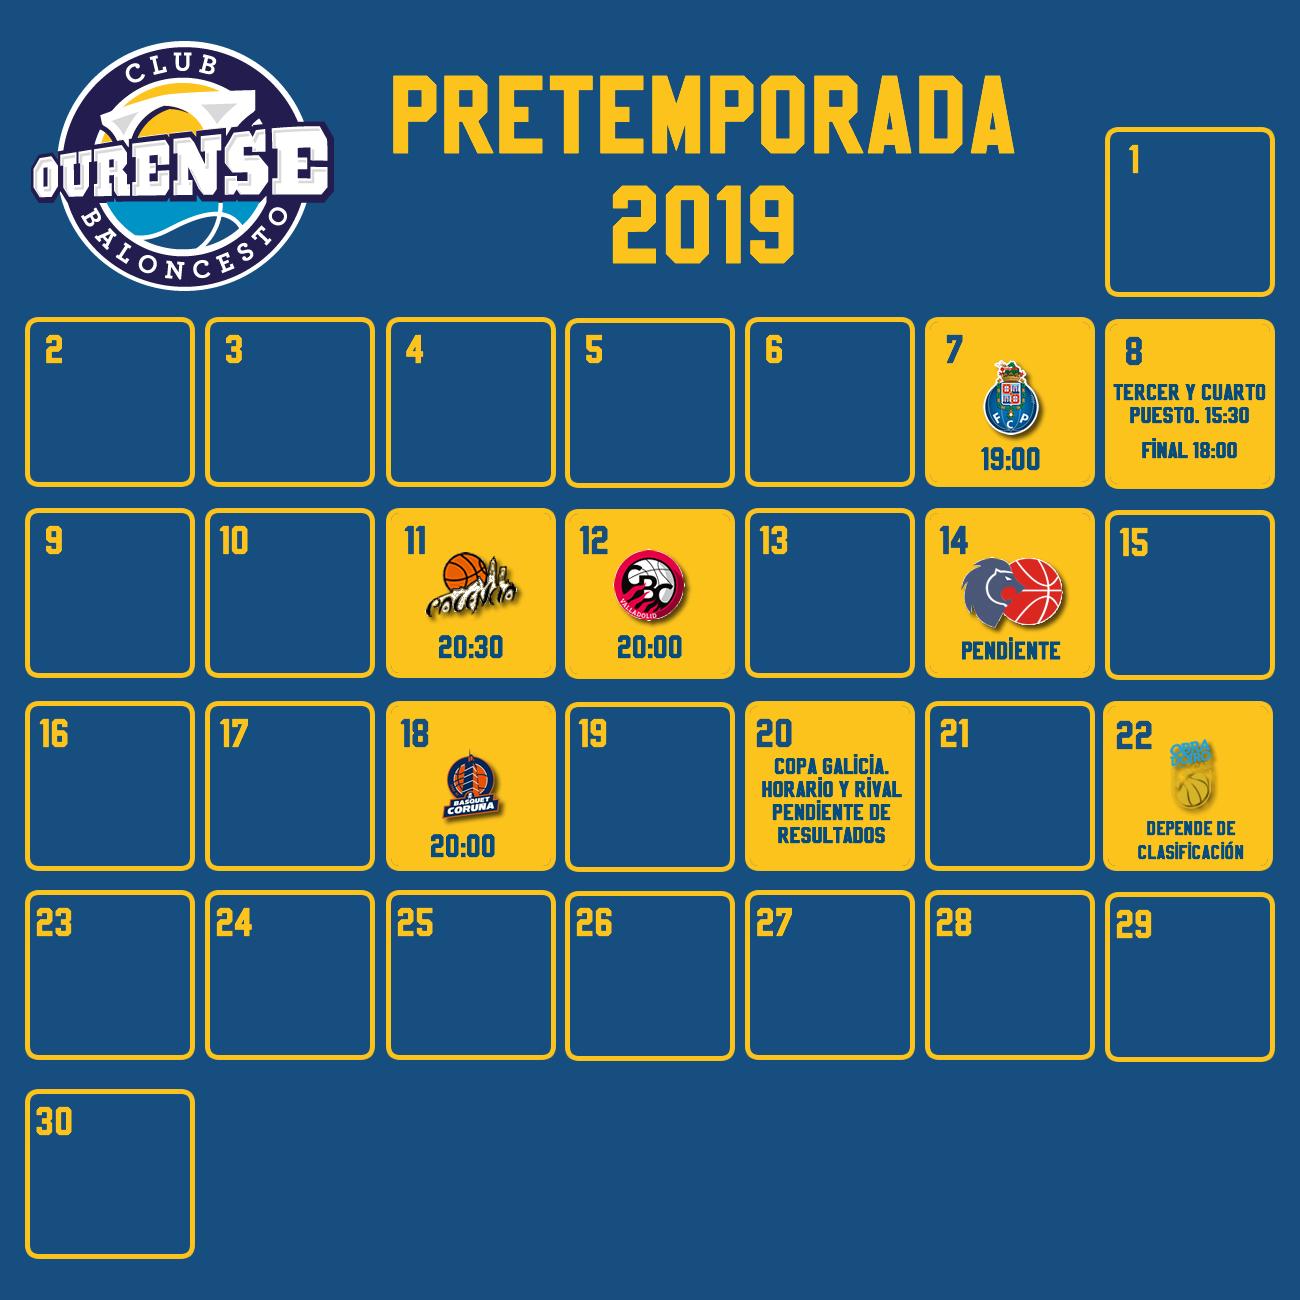 Leb Oro Calendario.Actualizado Calendario De Partidos De Pretemporada Del Club Ourense